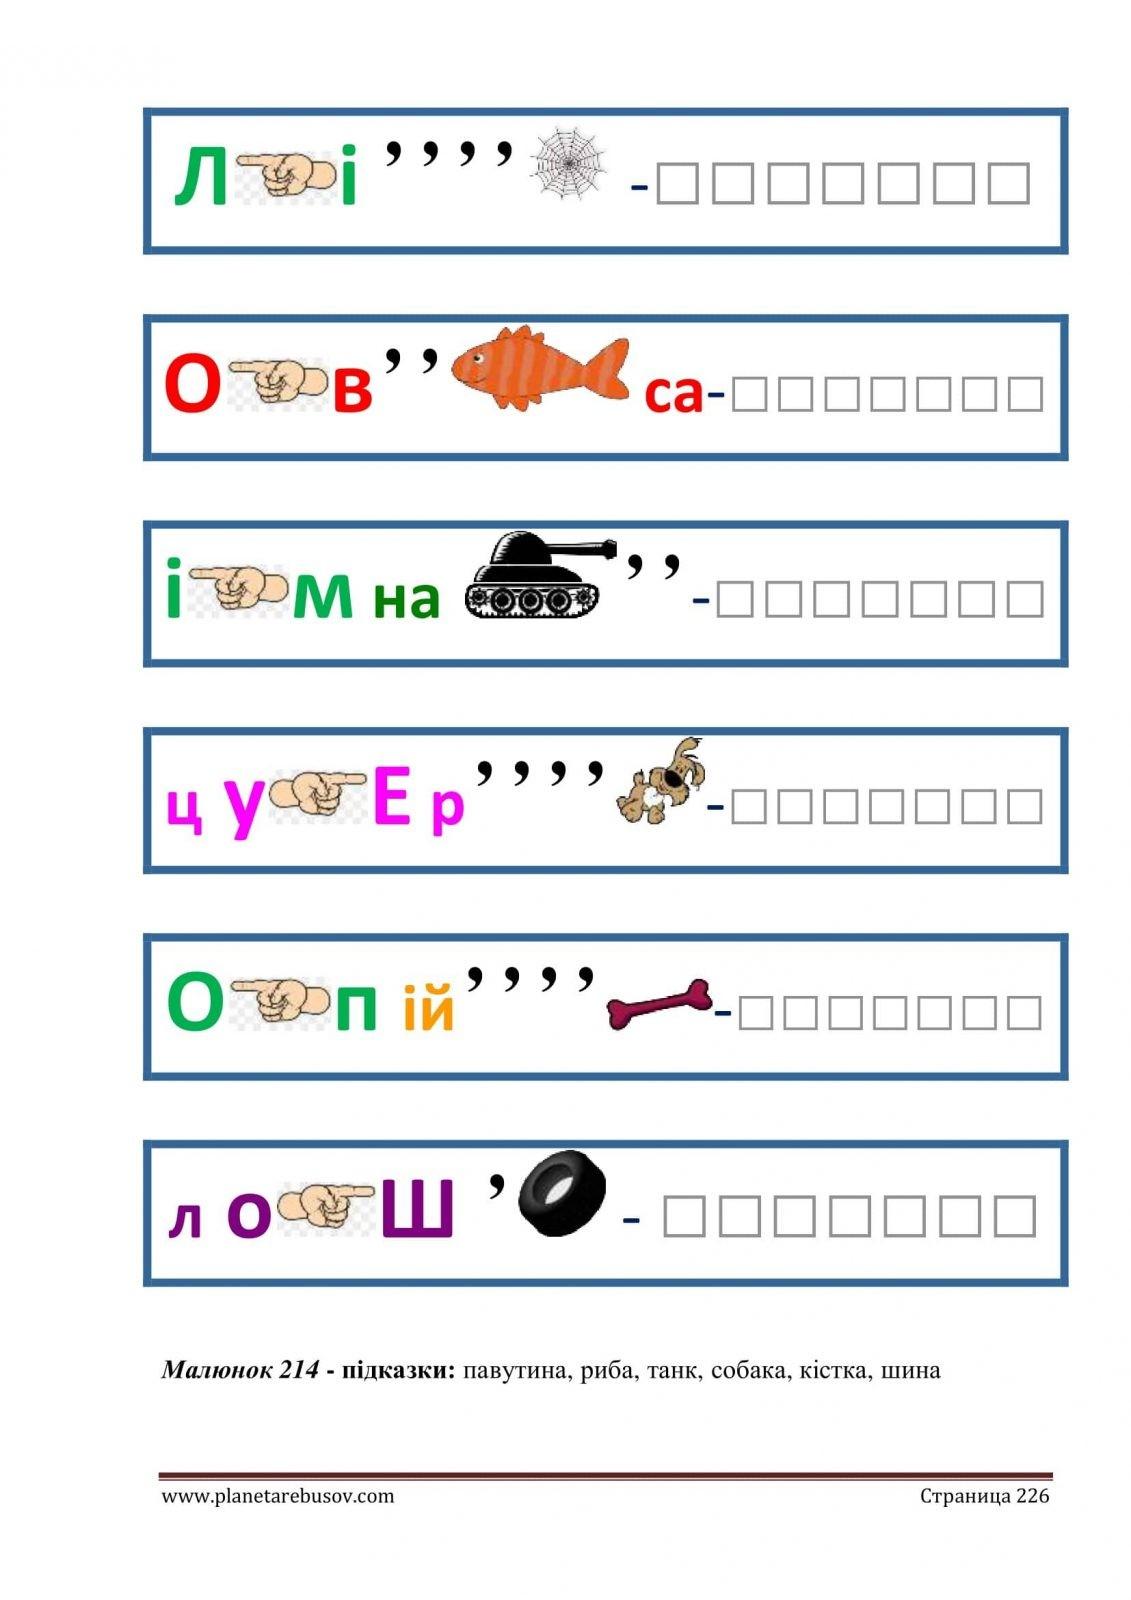 Ребусы на украинском. Уровень 3 — стр 226